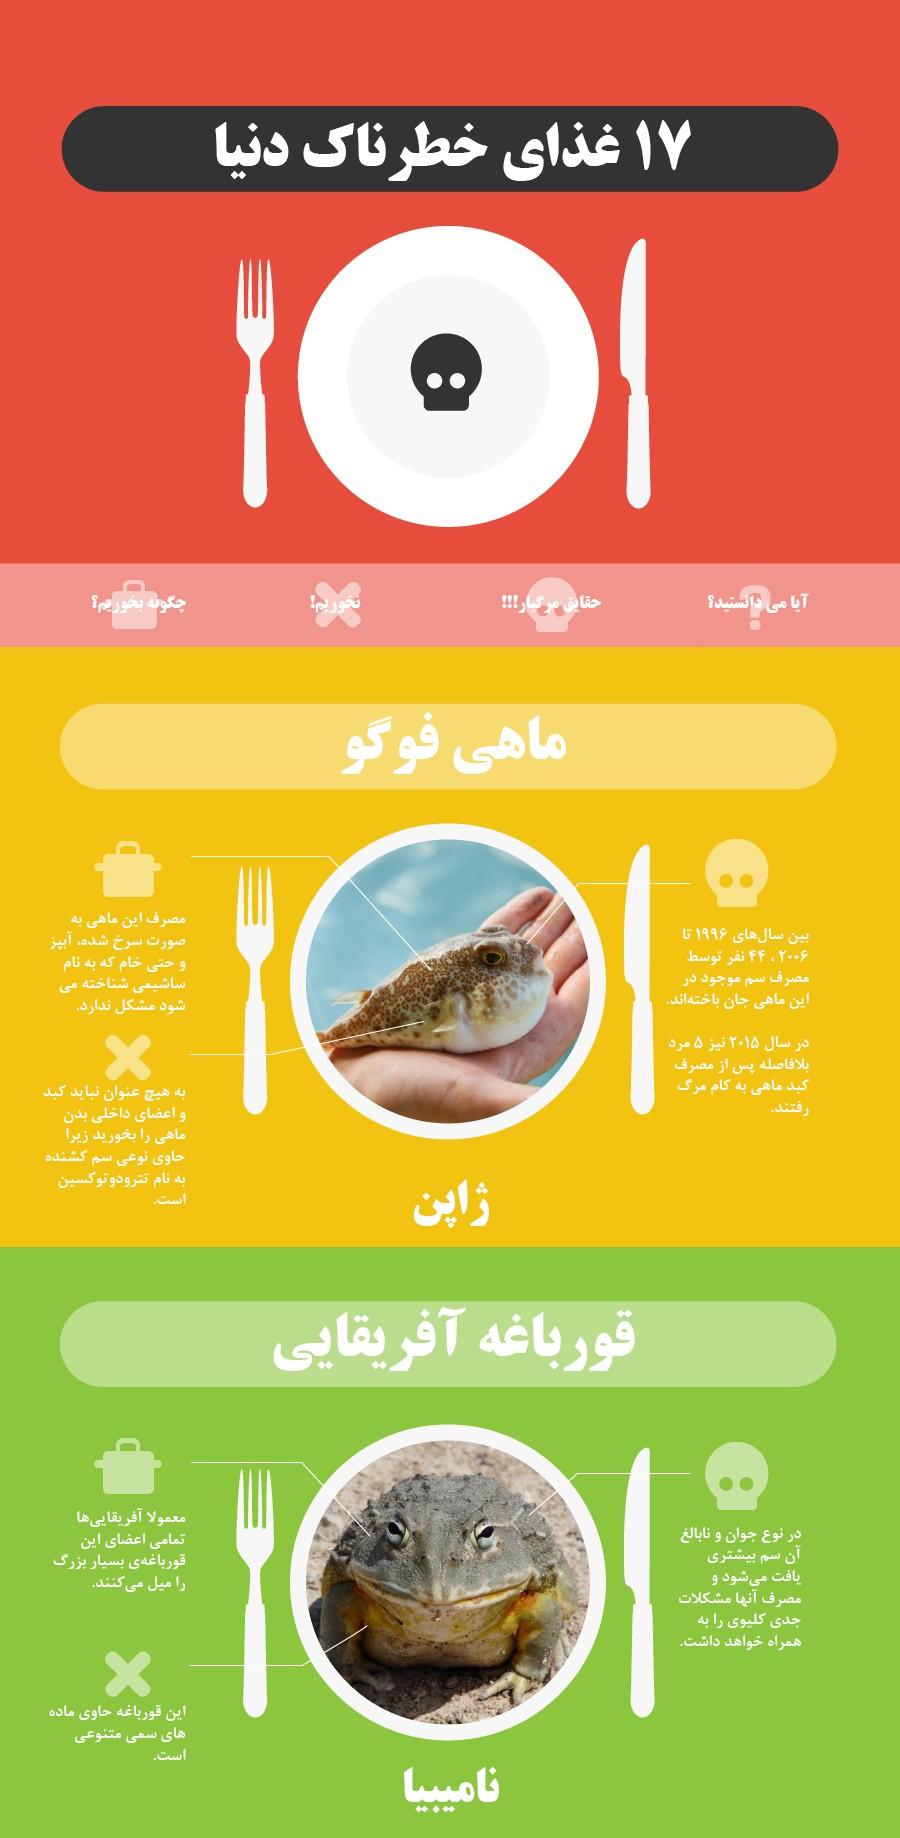 17 غذای خطرناک در دنیا